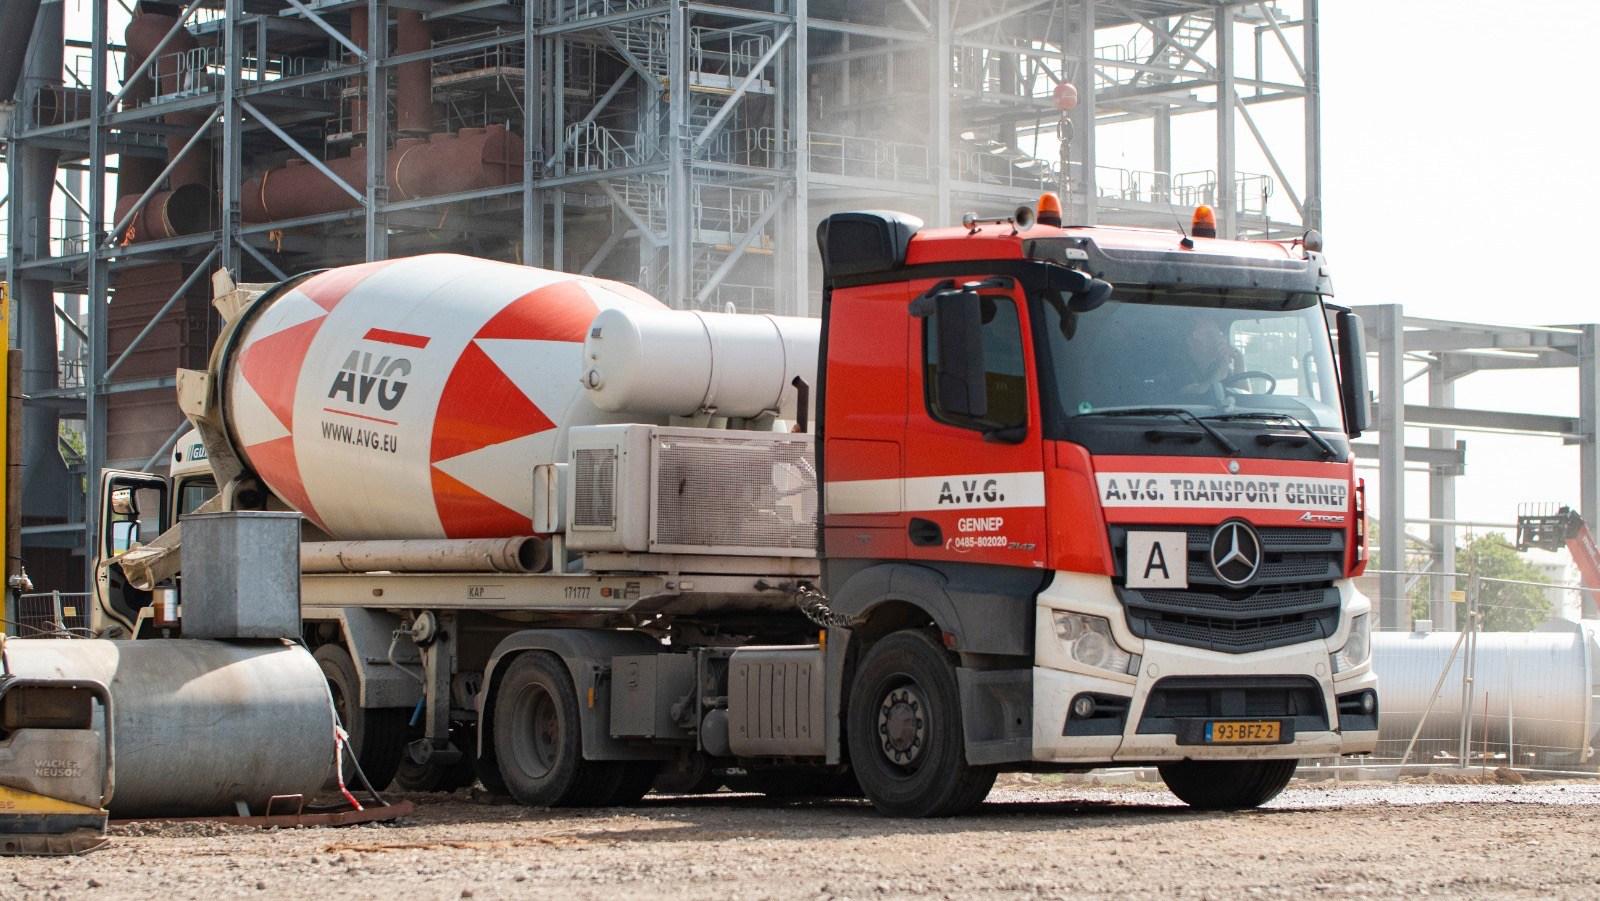 Beton (Mörtel) nötig? Betonpreis pro m3 oder Preis fuer betonieren anfragen? AVG liefert FEhS zertifizierte Betonmörtel in allen Arten, Mengen und Umweltklassen. Unsere modernen Betonwerke in den Niederlanden und in Deutschland garantieren eine breite Palette von Betonanwendungen von hoher und dauerhafter Qualität